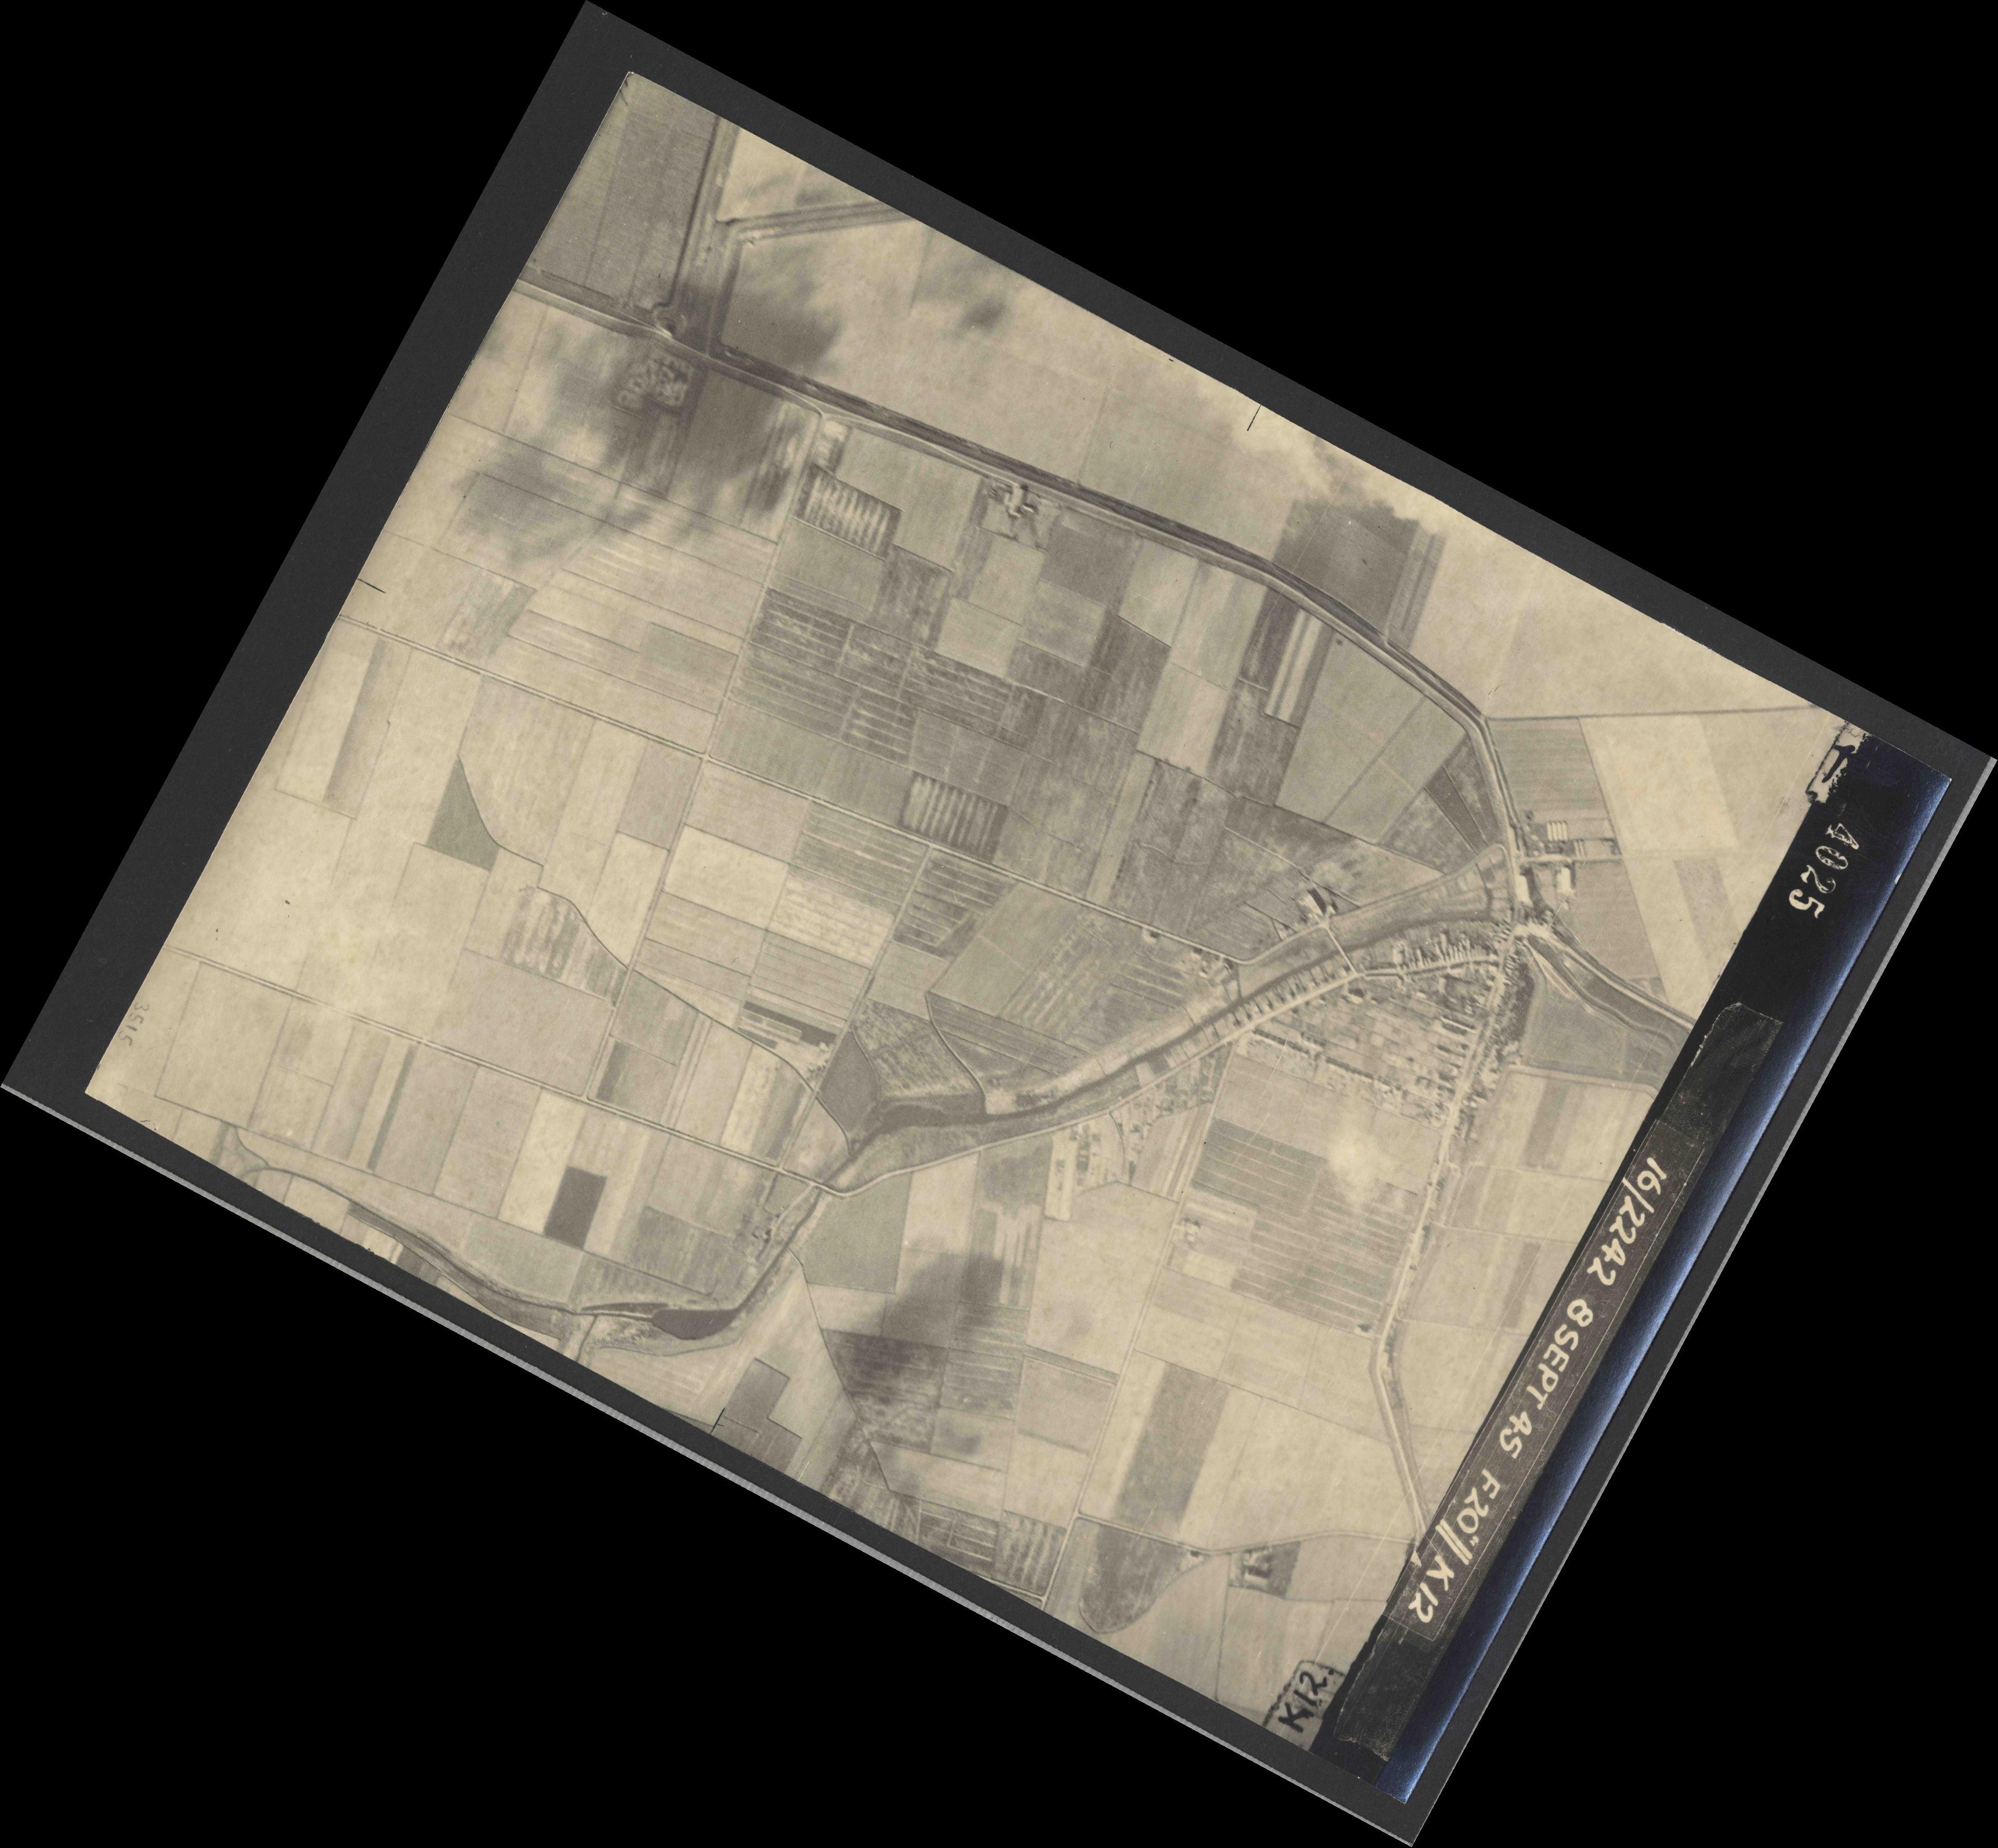 Collection RAF aerial photos 1940-1945 - flight 036, run 11, photo 4025